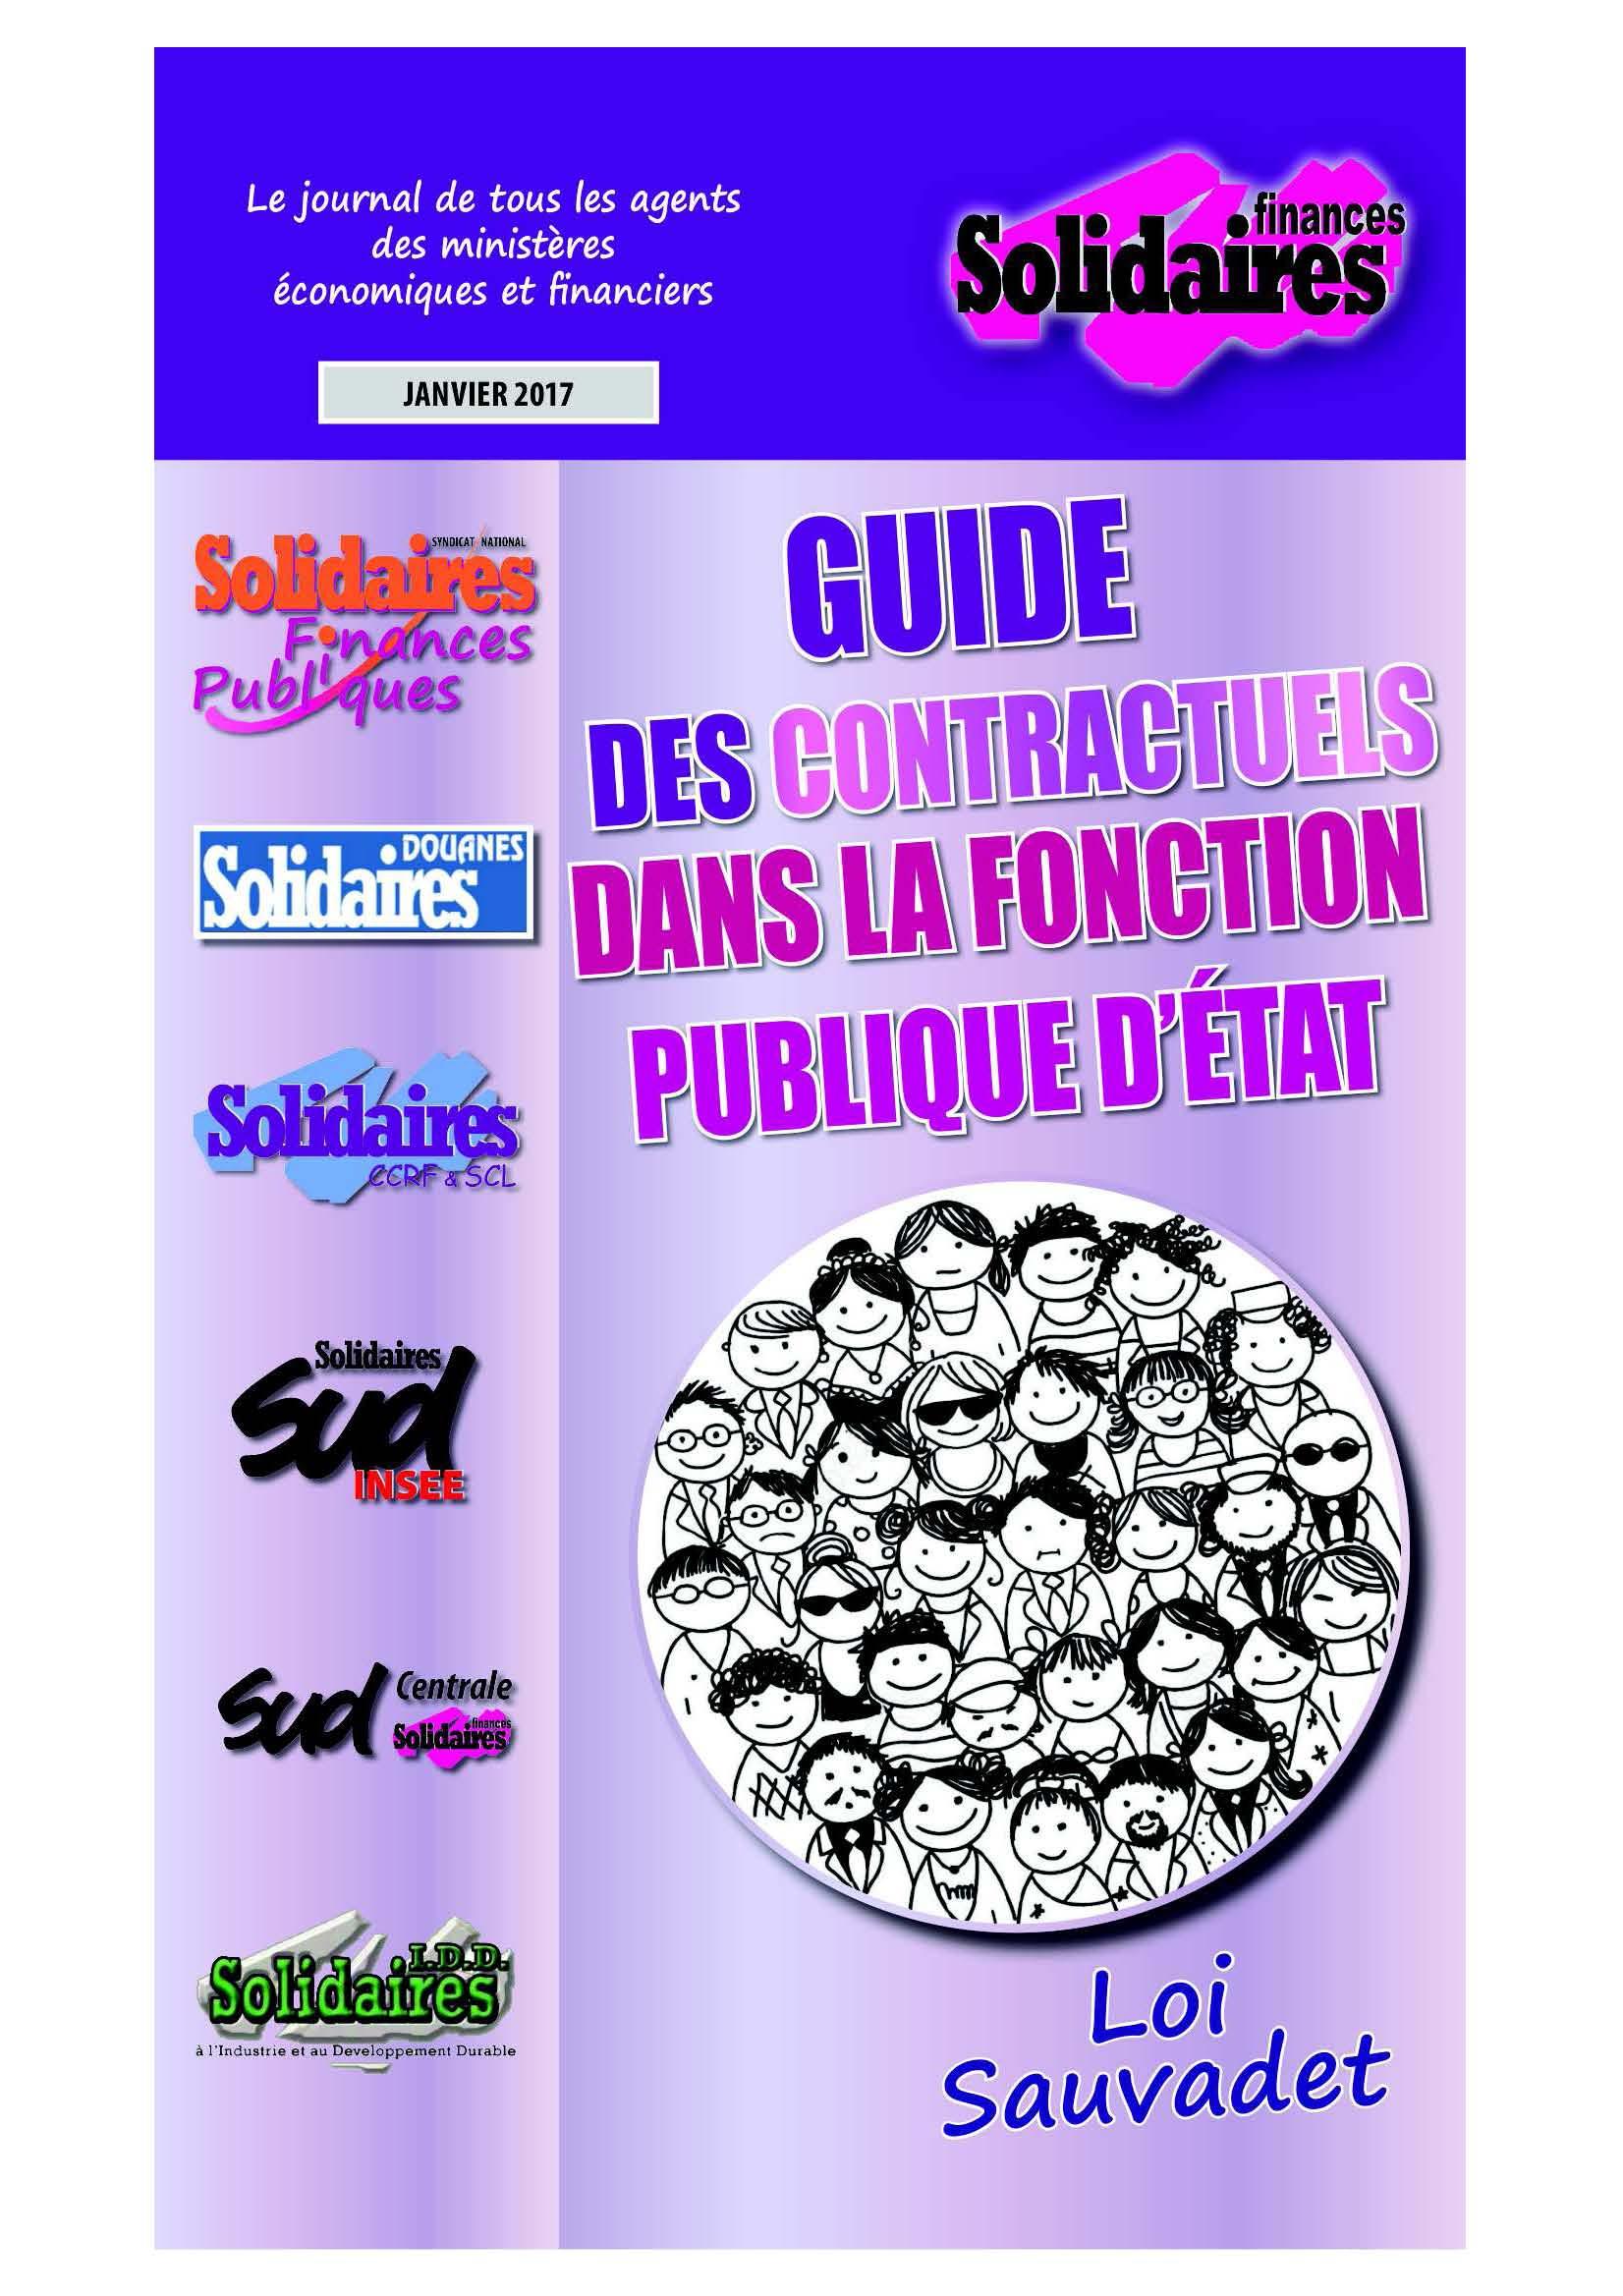 GuideduContractuelN1